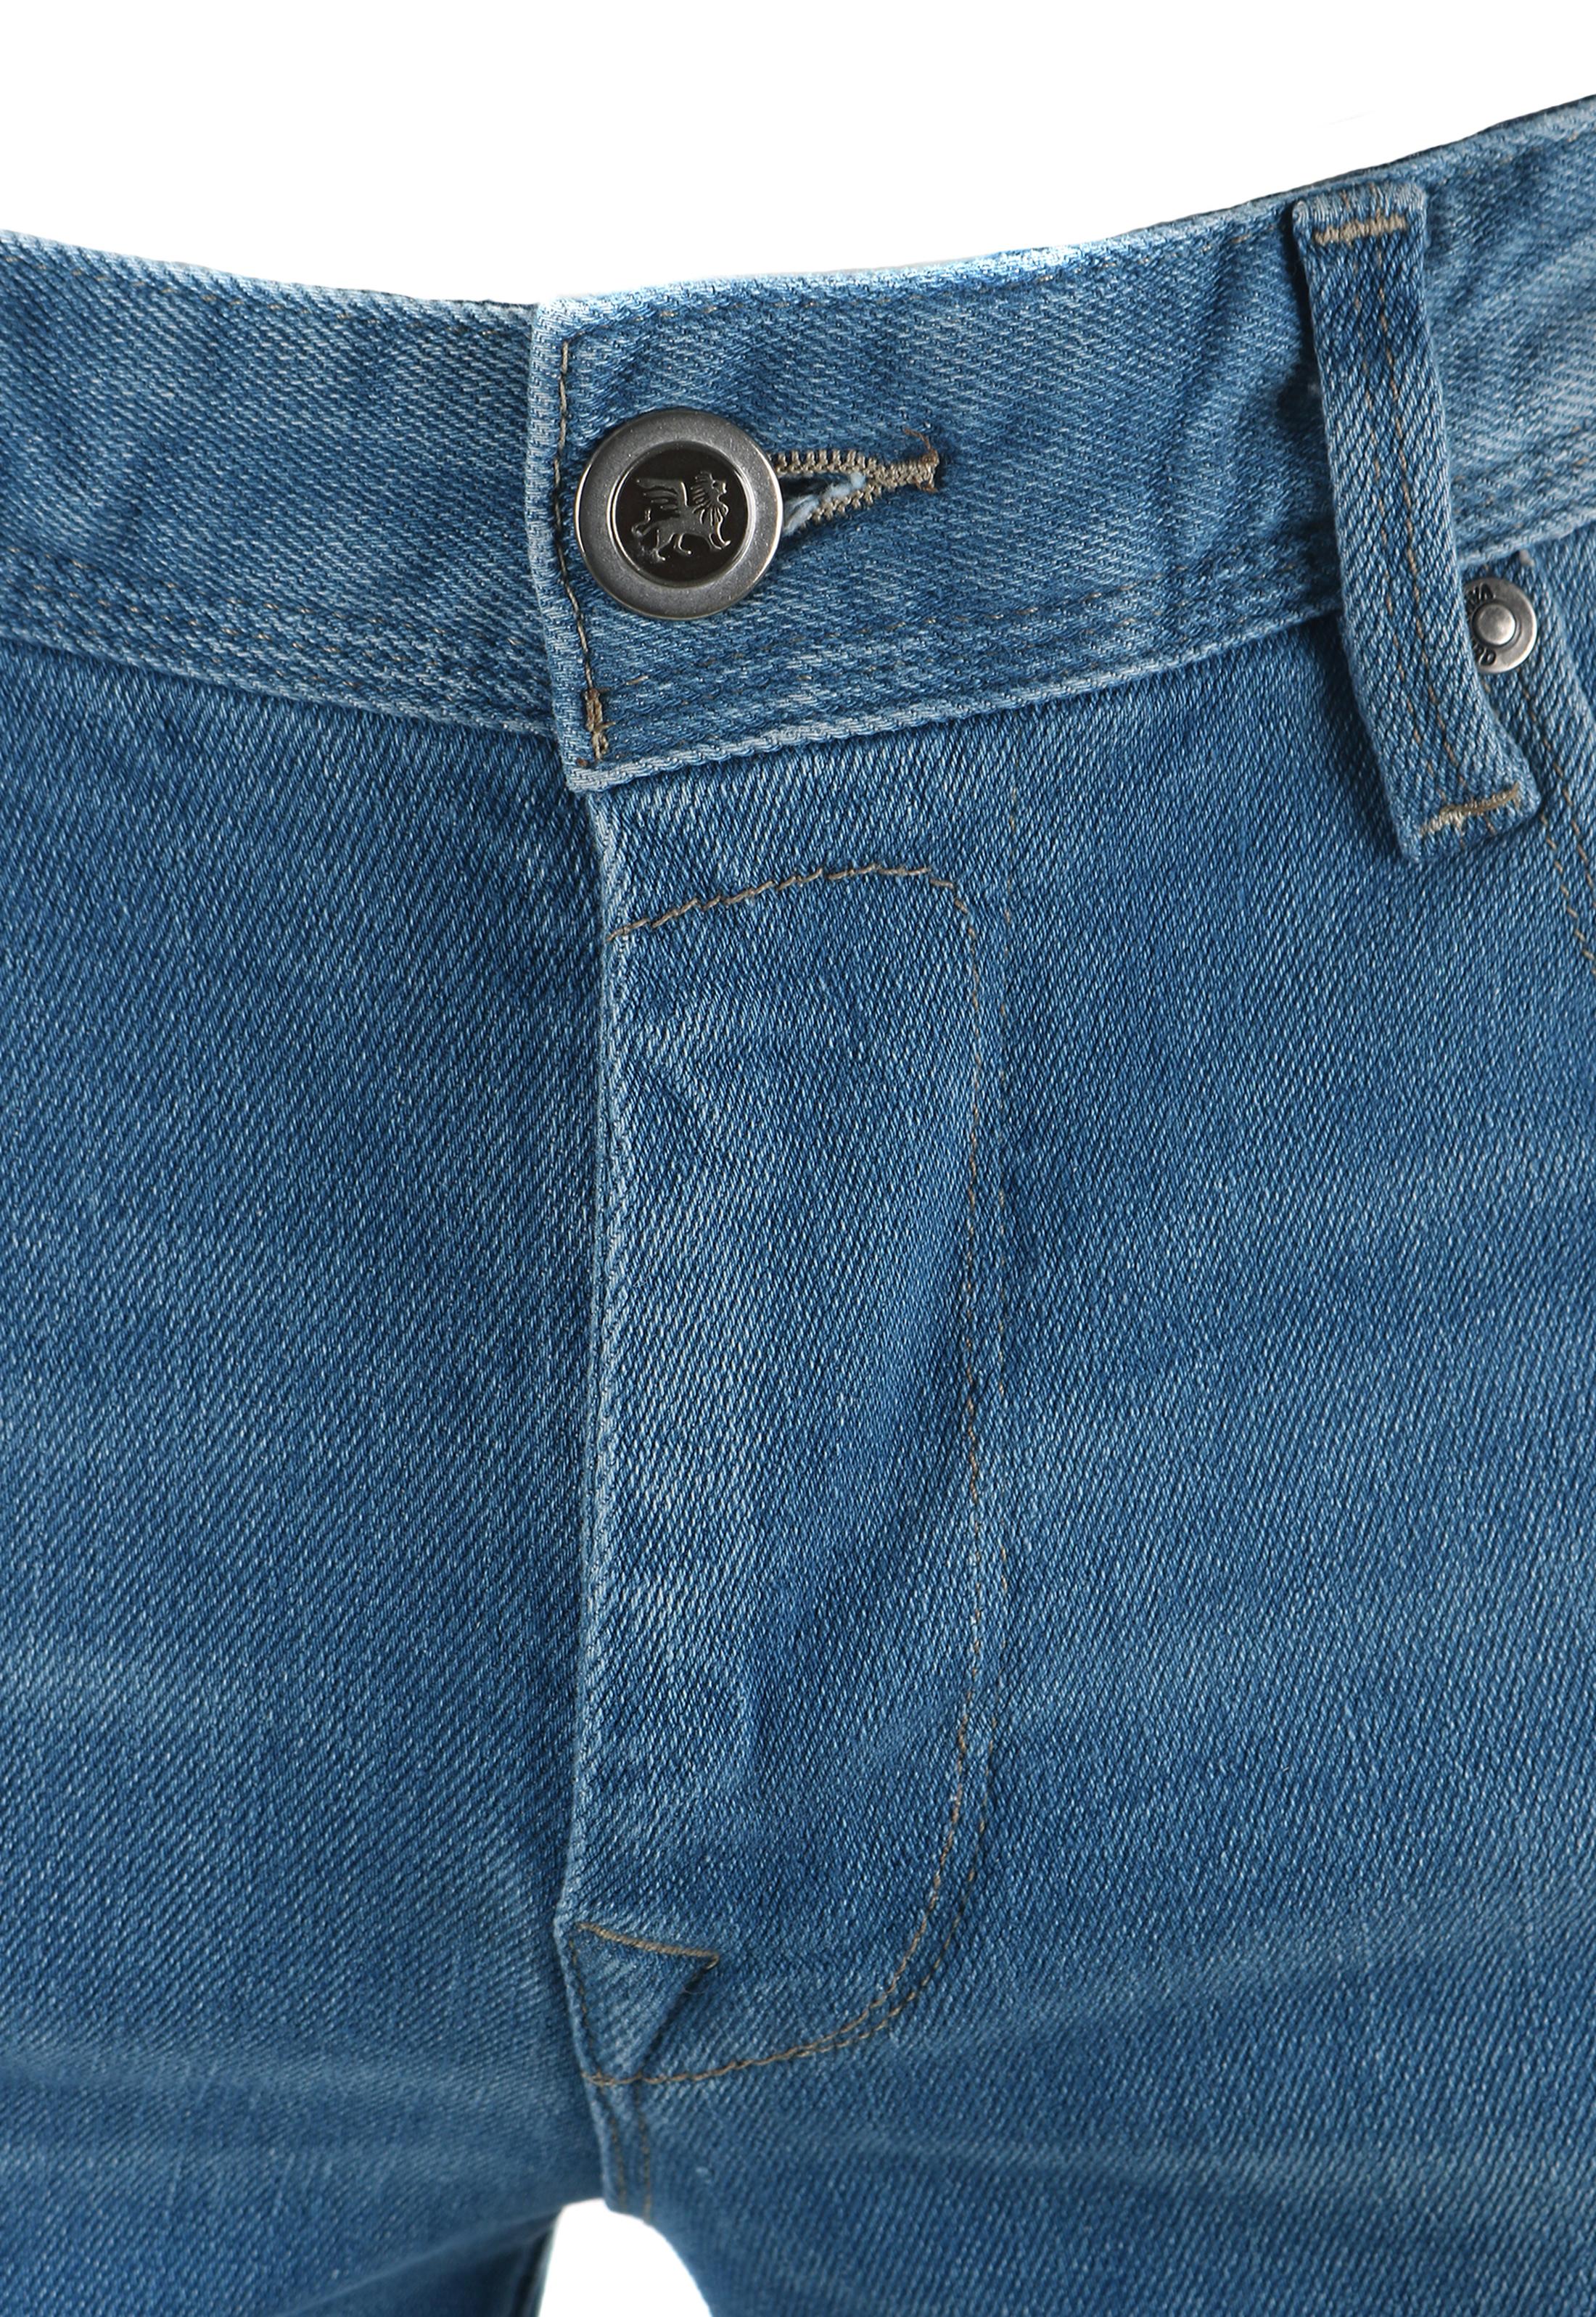 Vanguard V7 Rider Jeans Hellblau foto 4